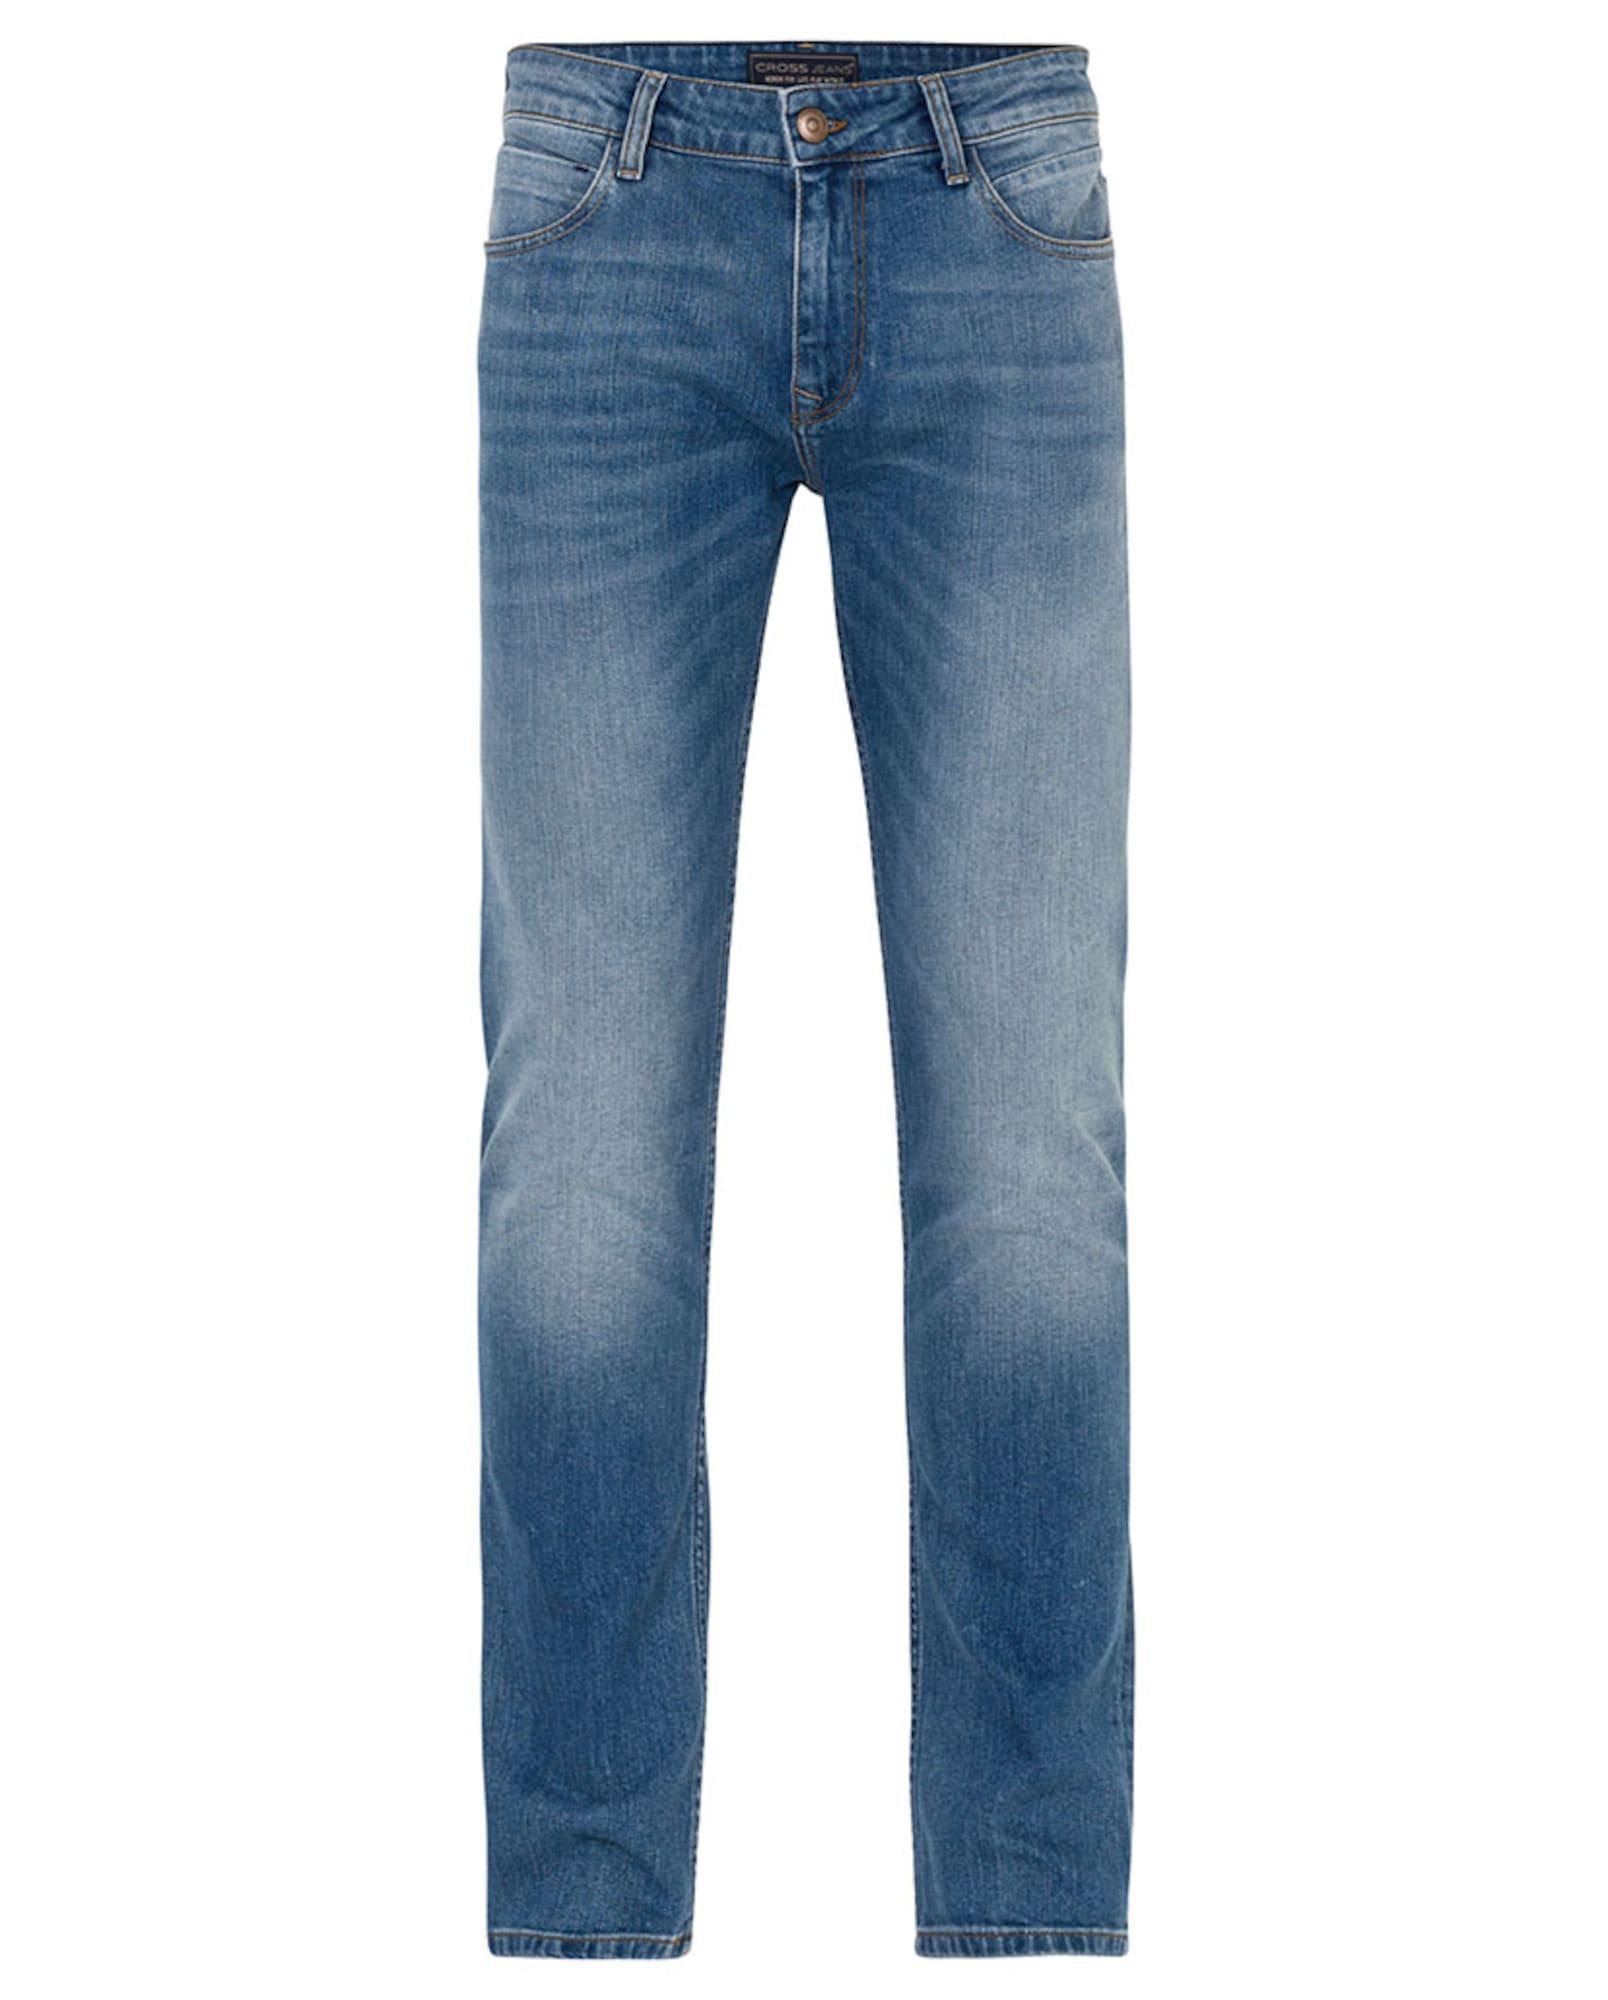 Džíny Johnny modrá džínovina Cross Jeans